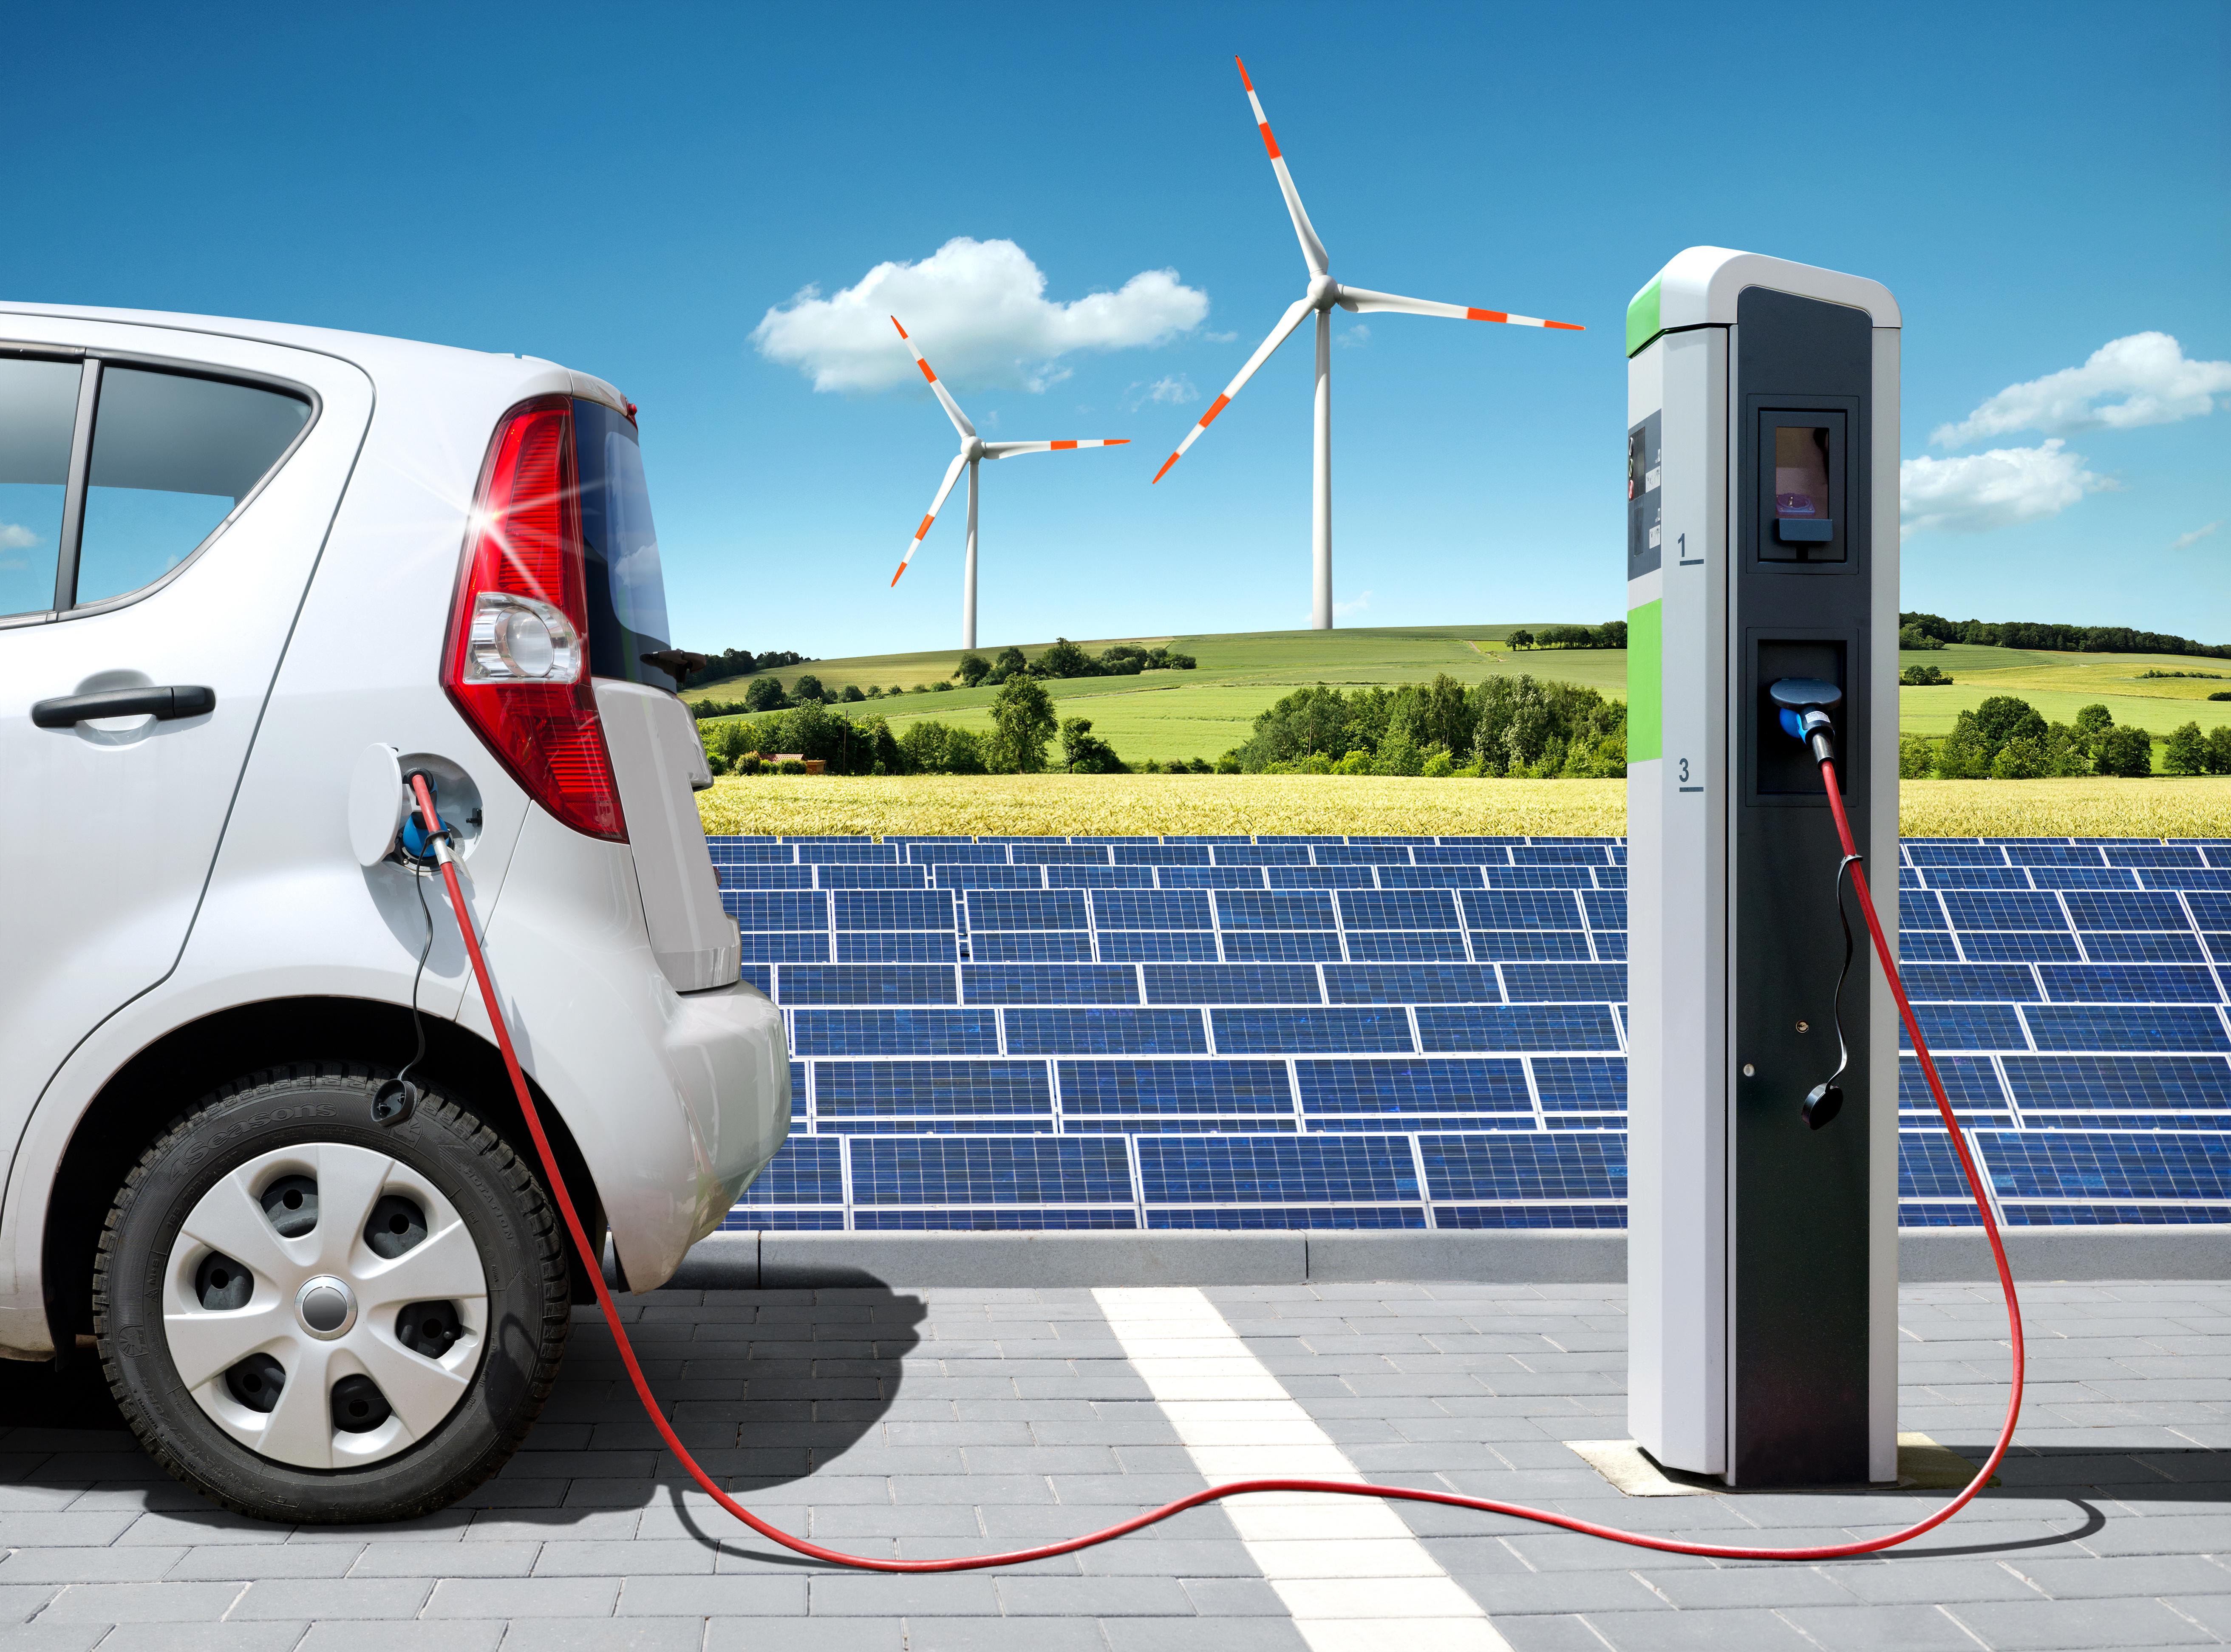 Ladestationen für Elektroautos   Verbraucherzentrale NRW